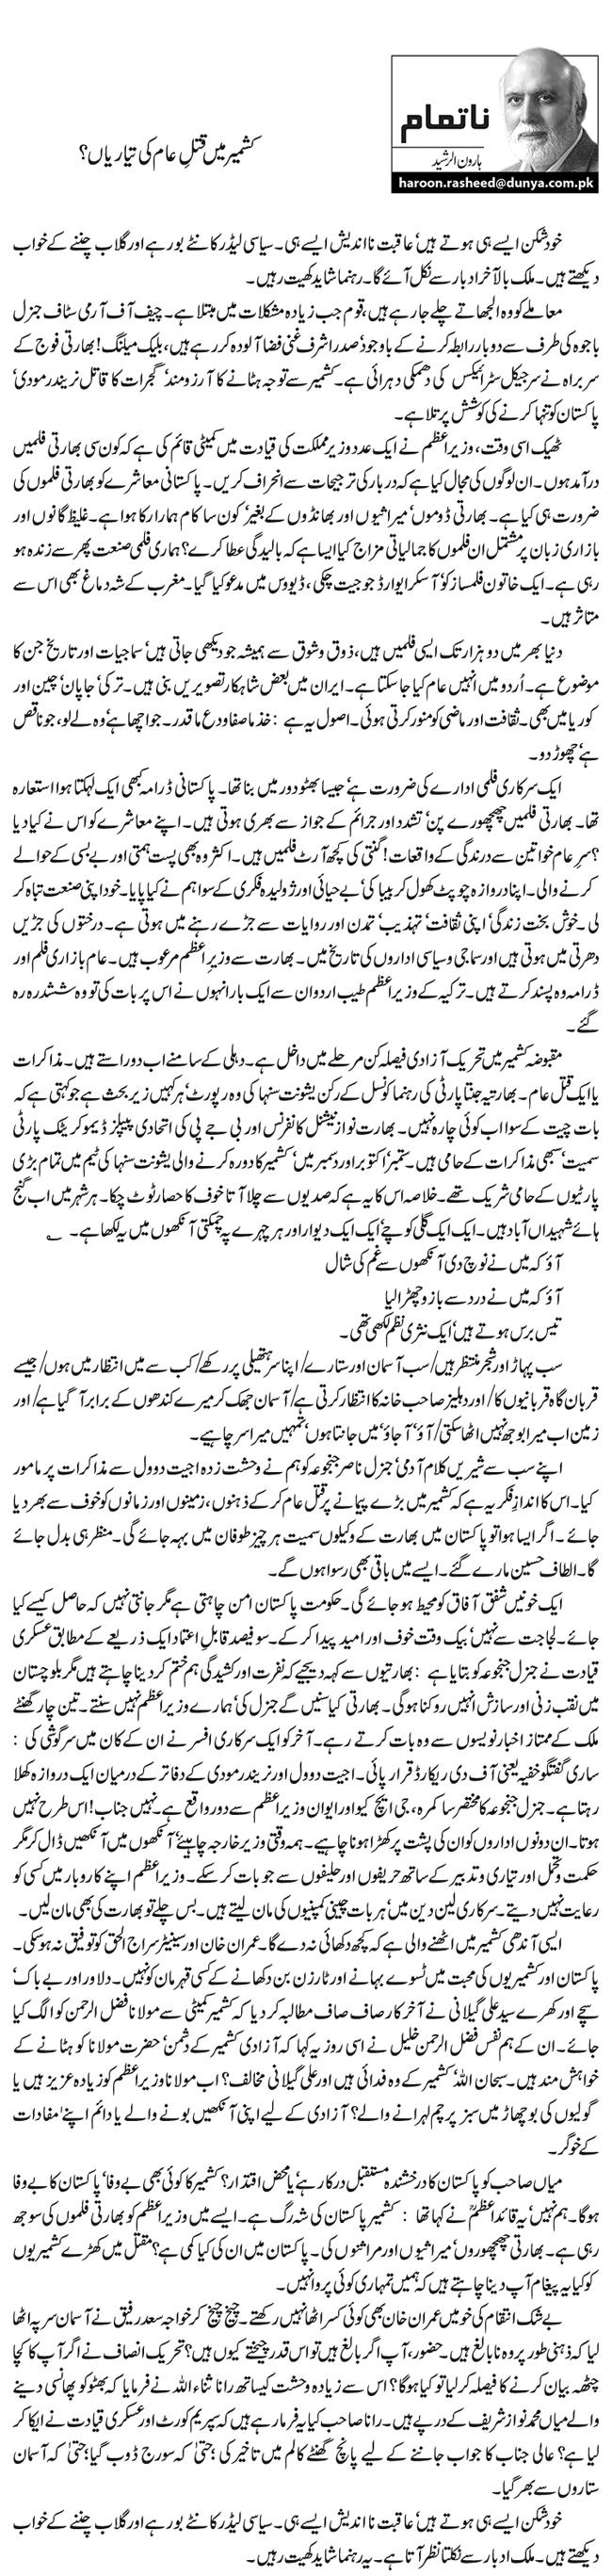 کشمیر میں قتلِ عام کی تیاریاں؟